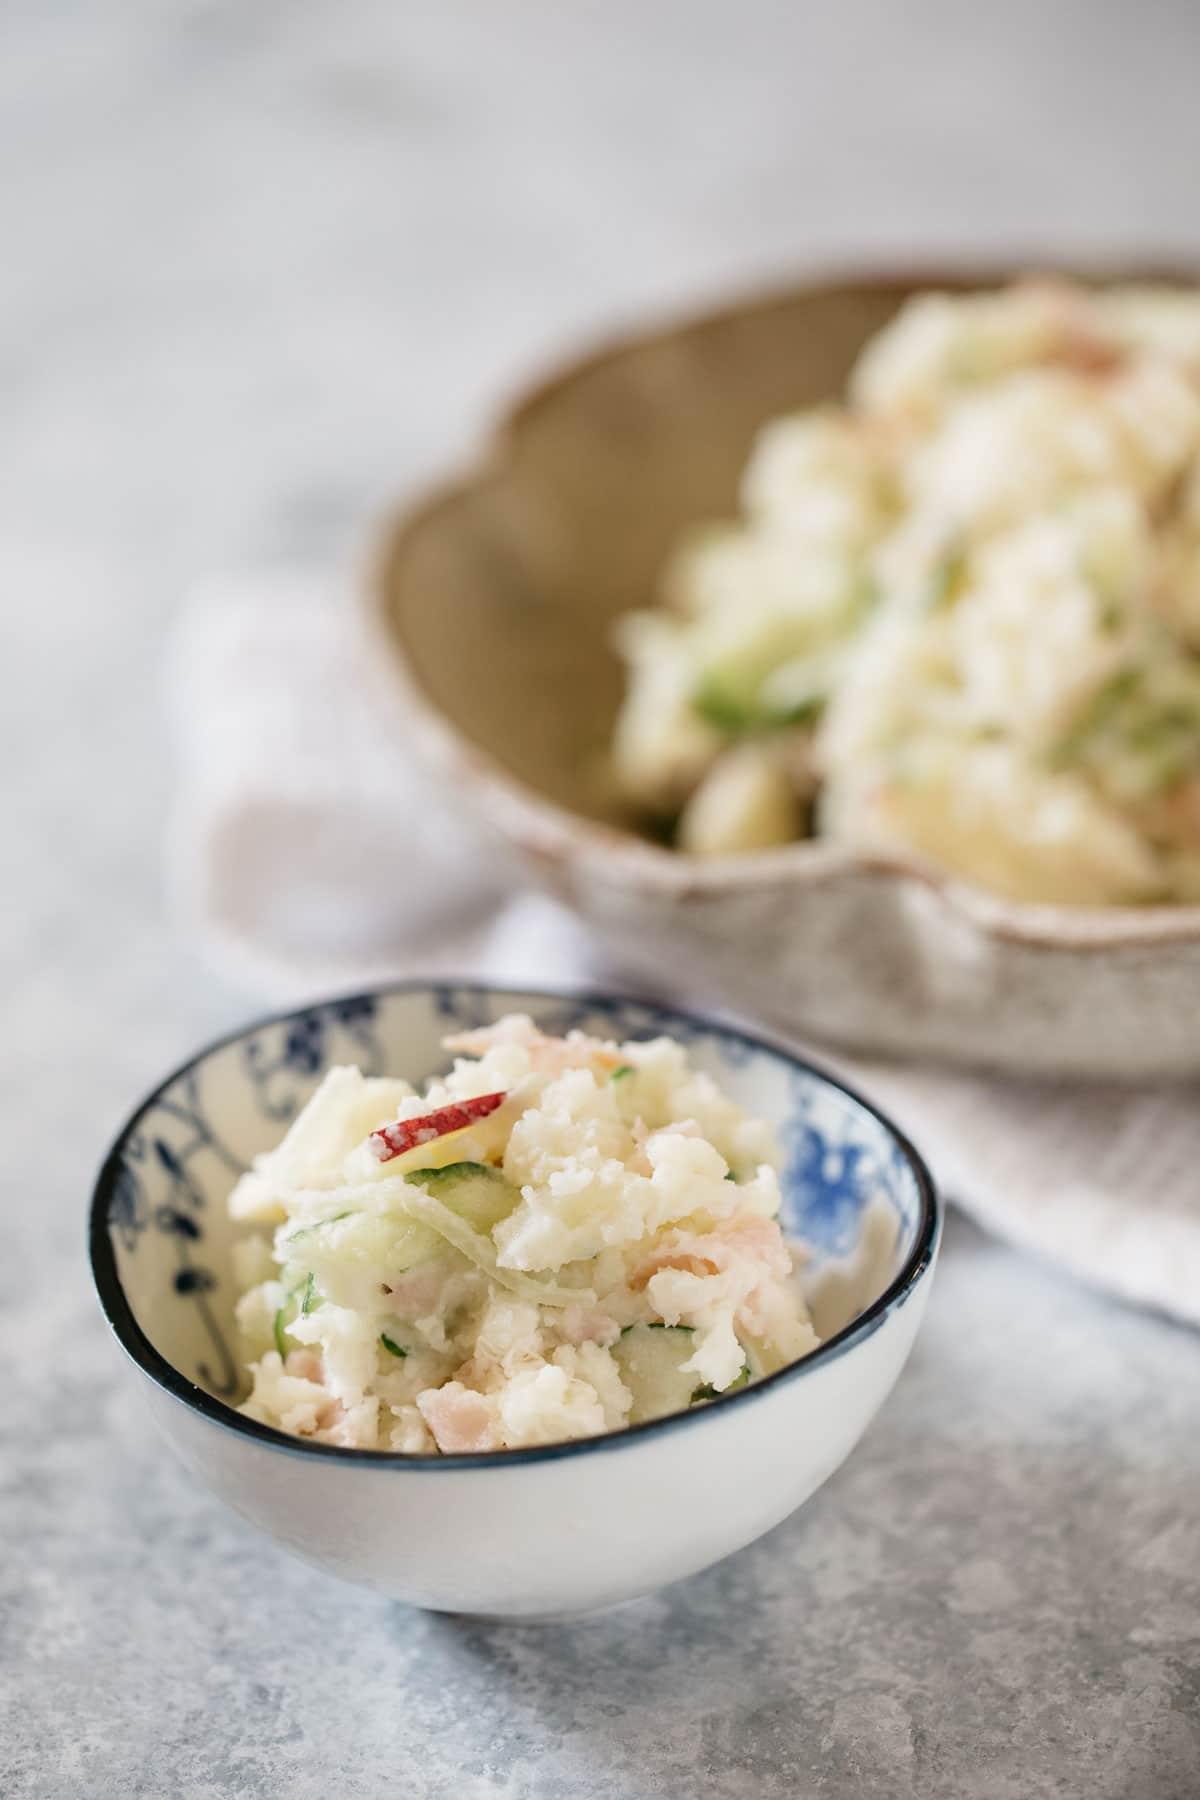 https://www.chopstickchronicles.com/wp-content/uploads/2016/02/Japanese-potato-salad-update-5.jpg